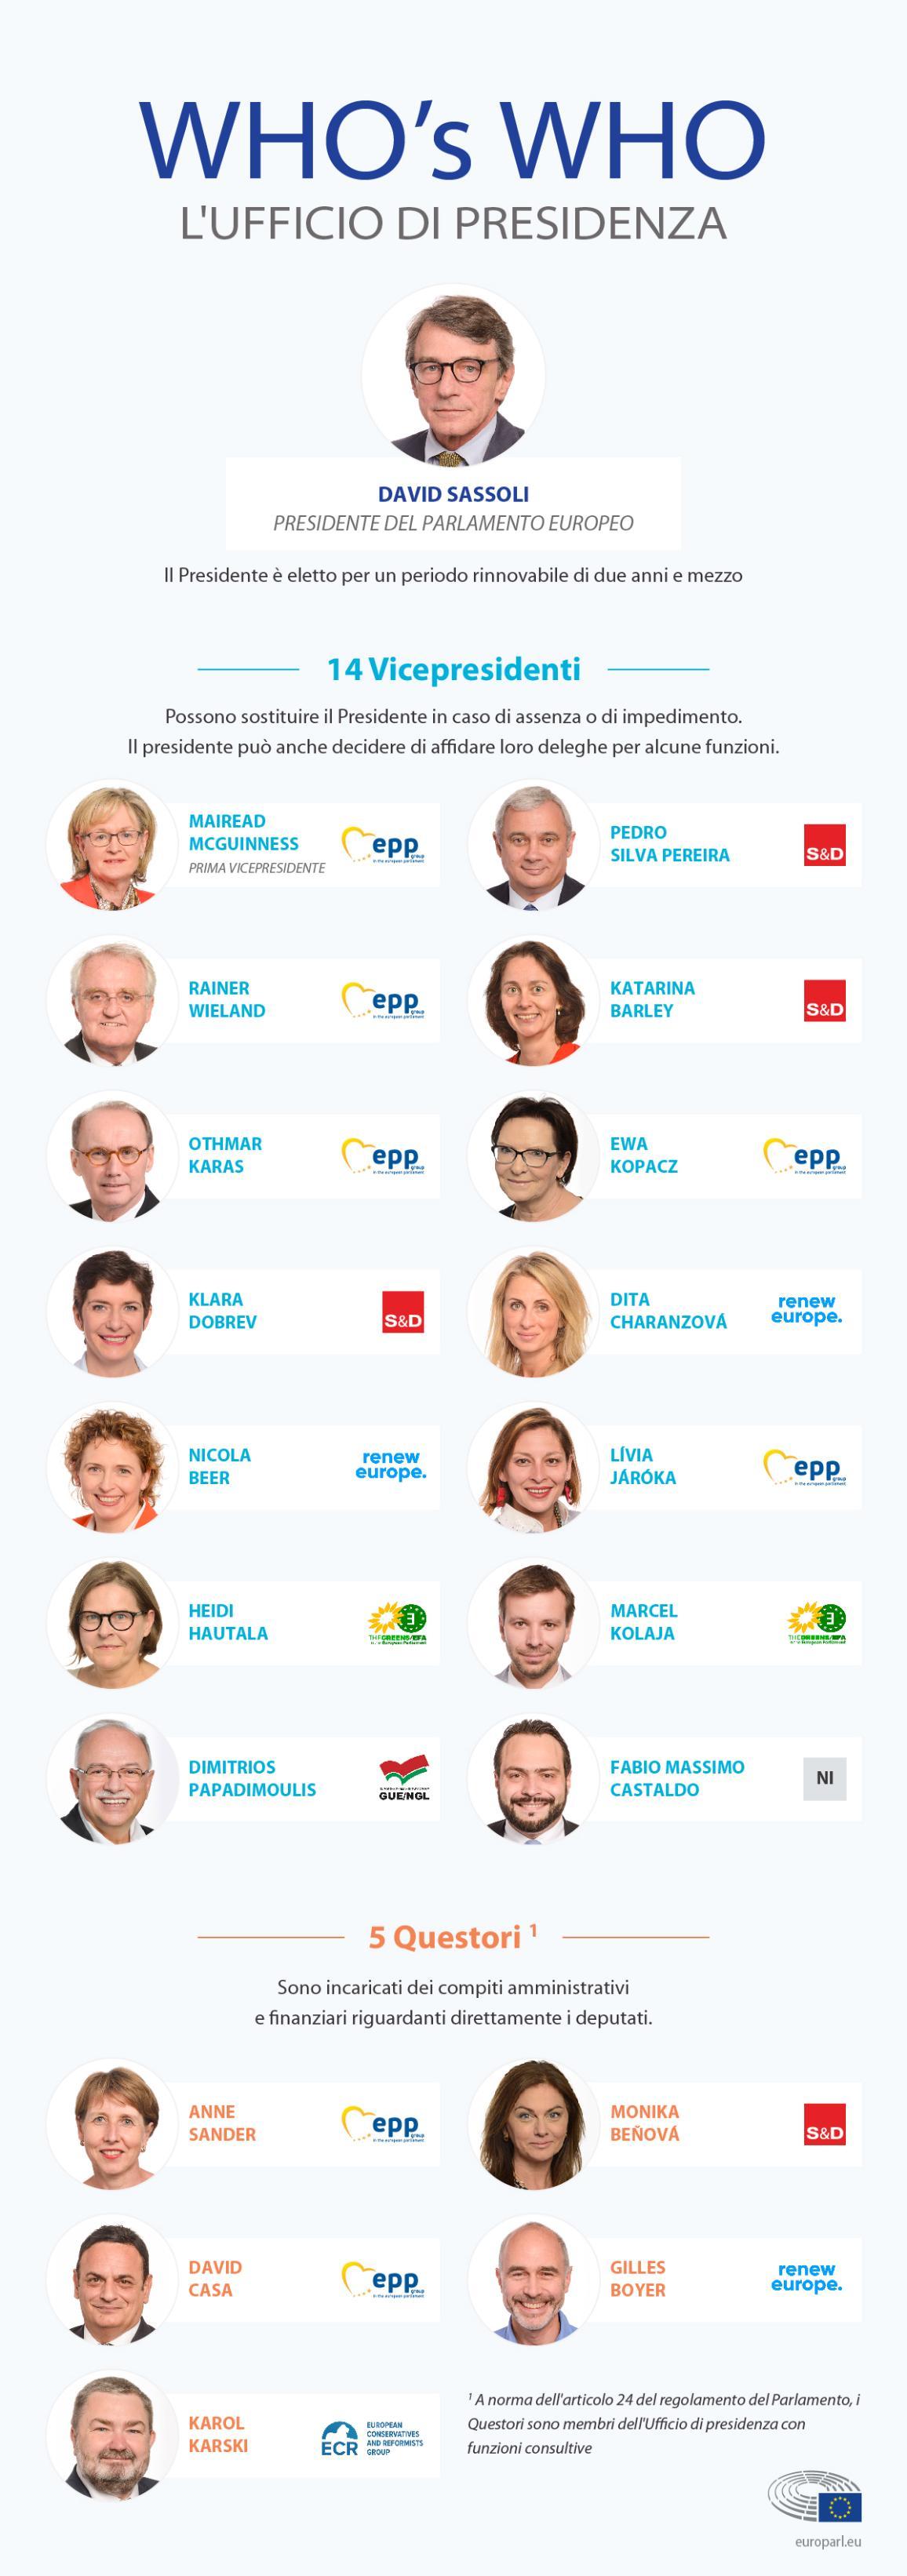 Il presidente e l'ufficio di presidenza del Parlamento europeo